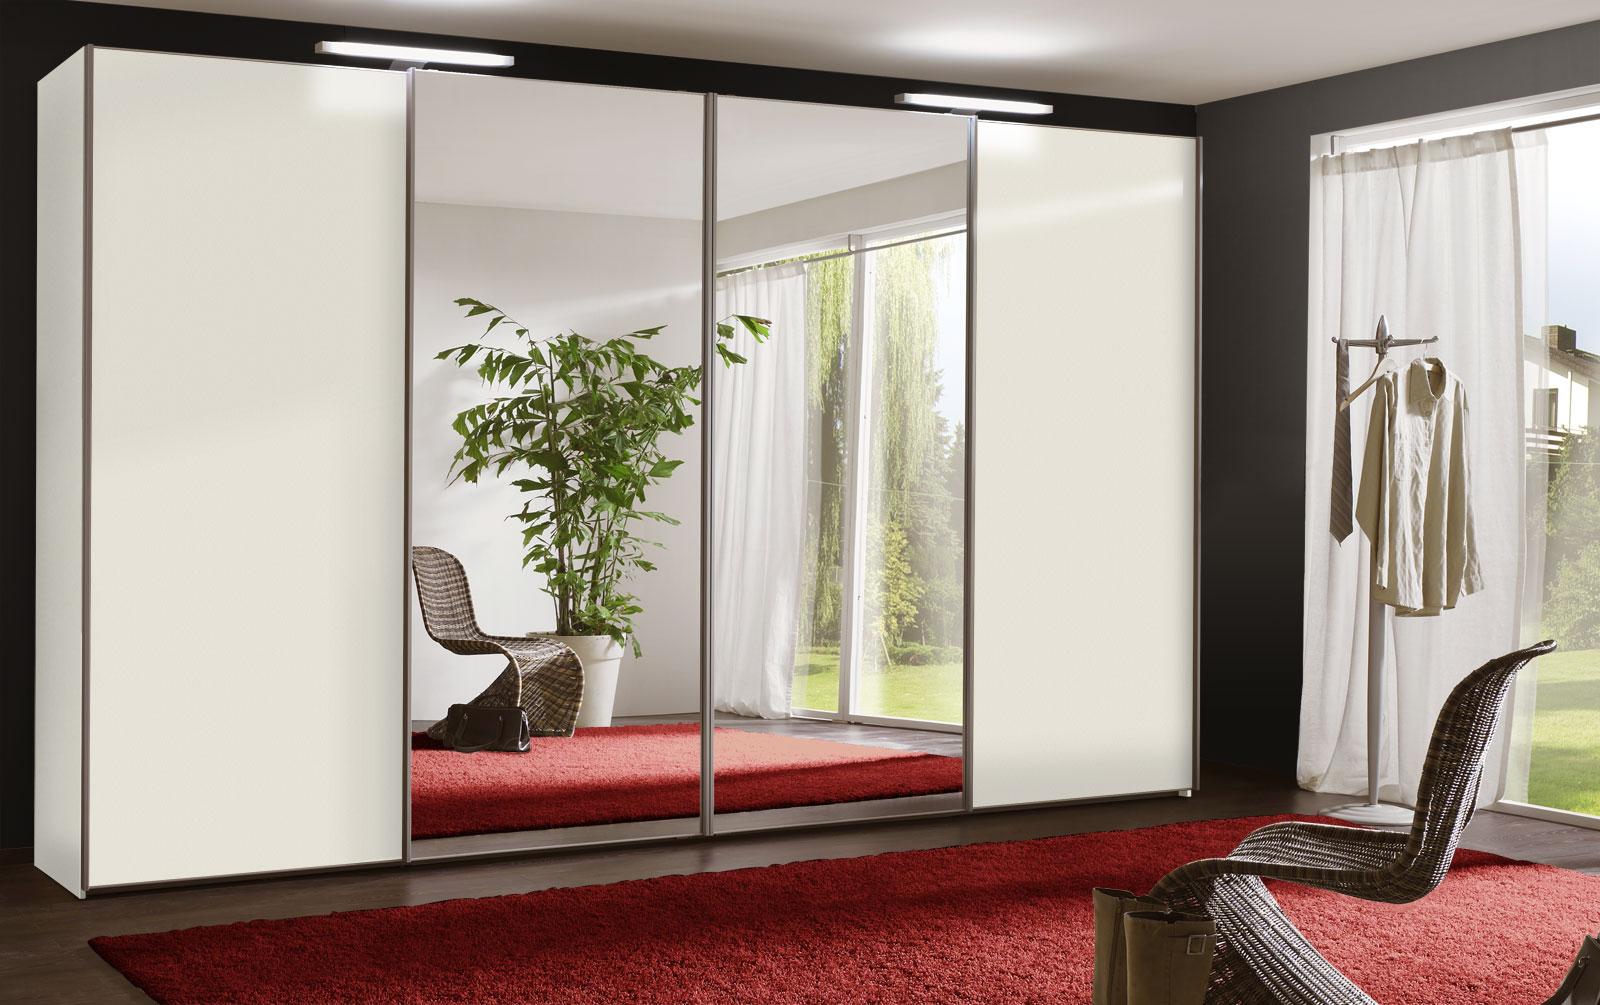 Kleiderschrank weiß schwarz mit spiegel  Schwebetüren-Kleiderschrank mit Spiegel - Schrank Sudbury